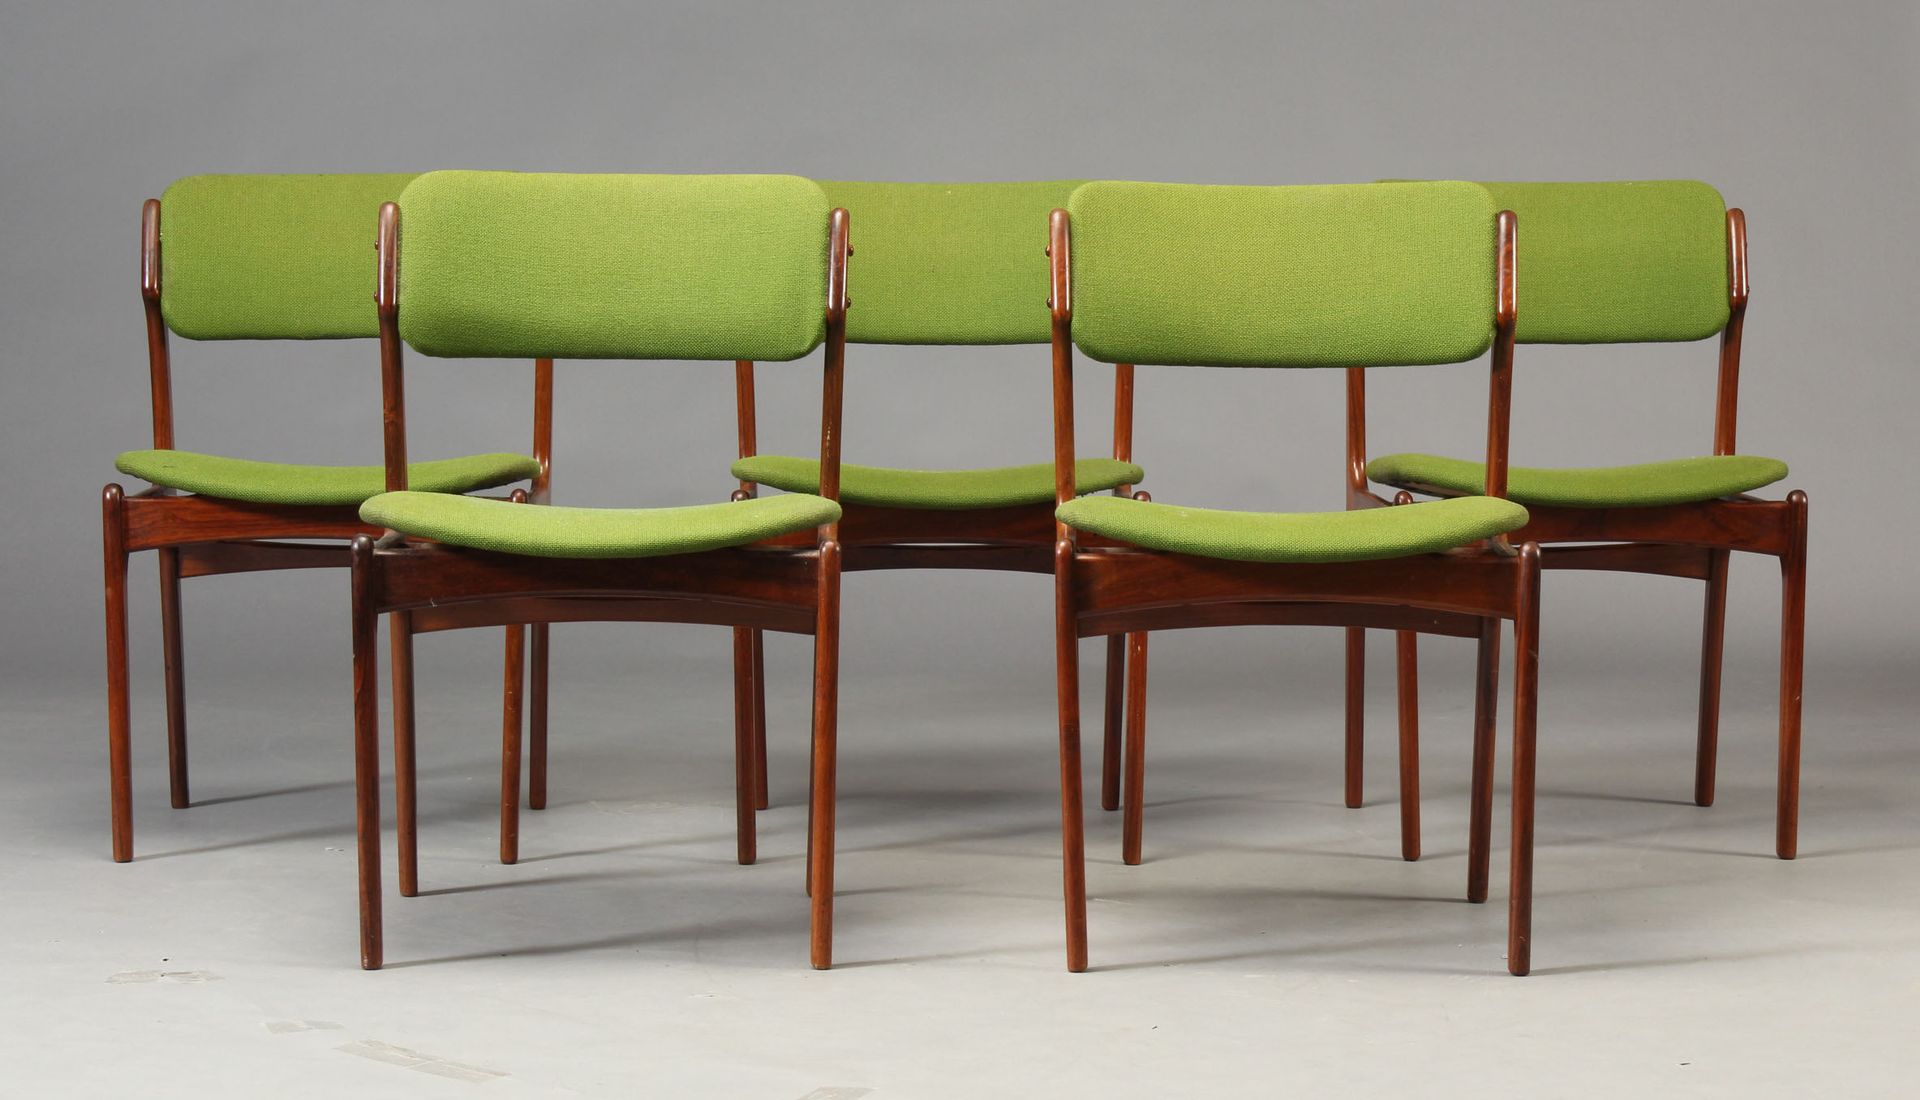 Chaise de salle manger mod le 49 en palissandre par erik for Modele de chaise en bois pour salle a manger